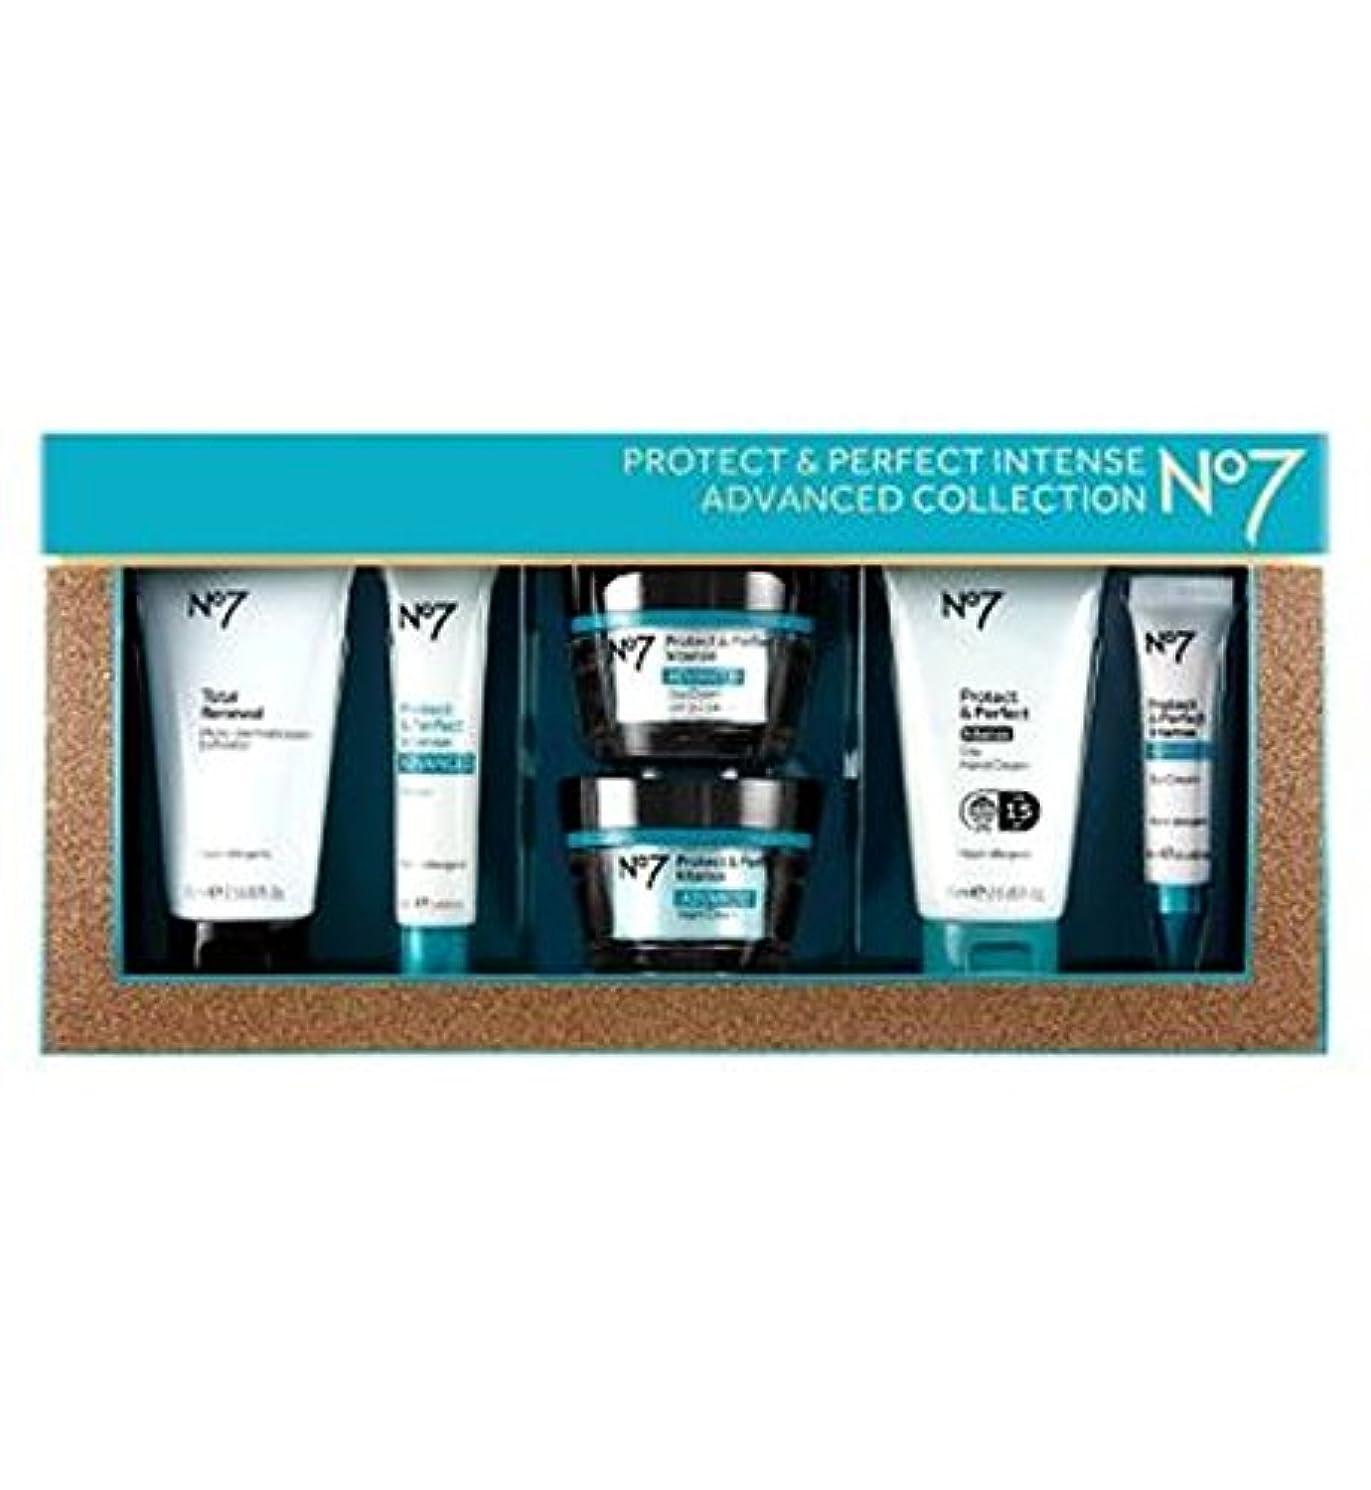 デンマーク削除する前売No7保護&完璧な強烈な高度なコレクション (No7) (x2) - No7 Protect & Perfect Intense ADVANCED Collection (Pack of 2) [並行輸入品]